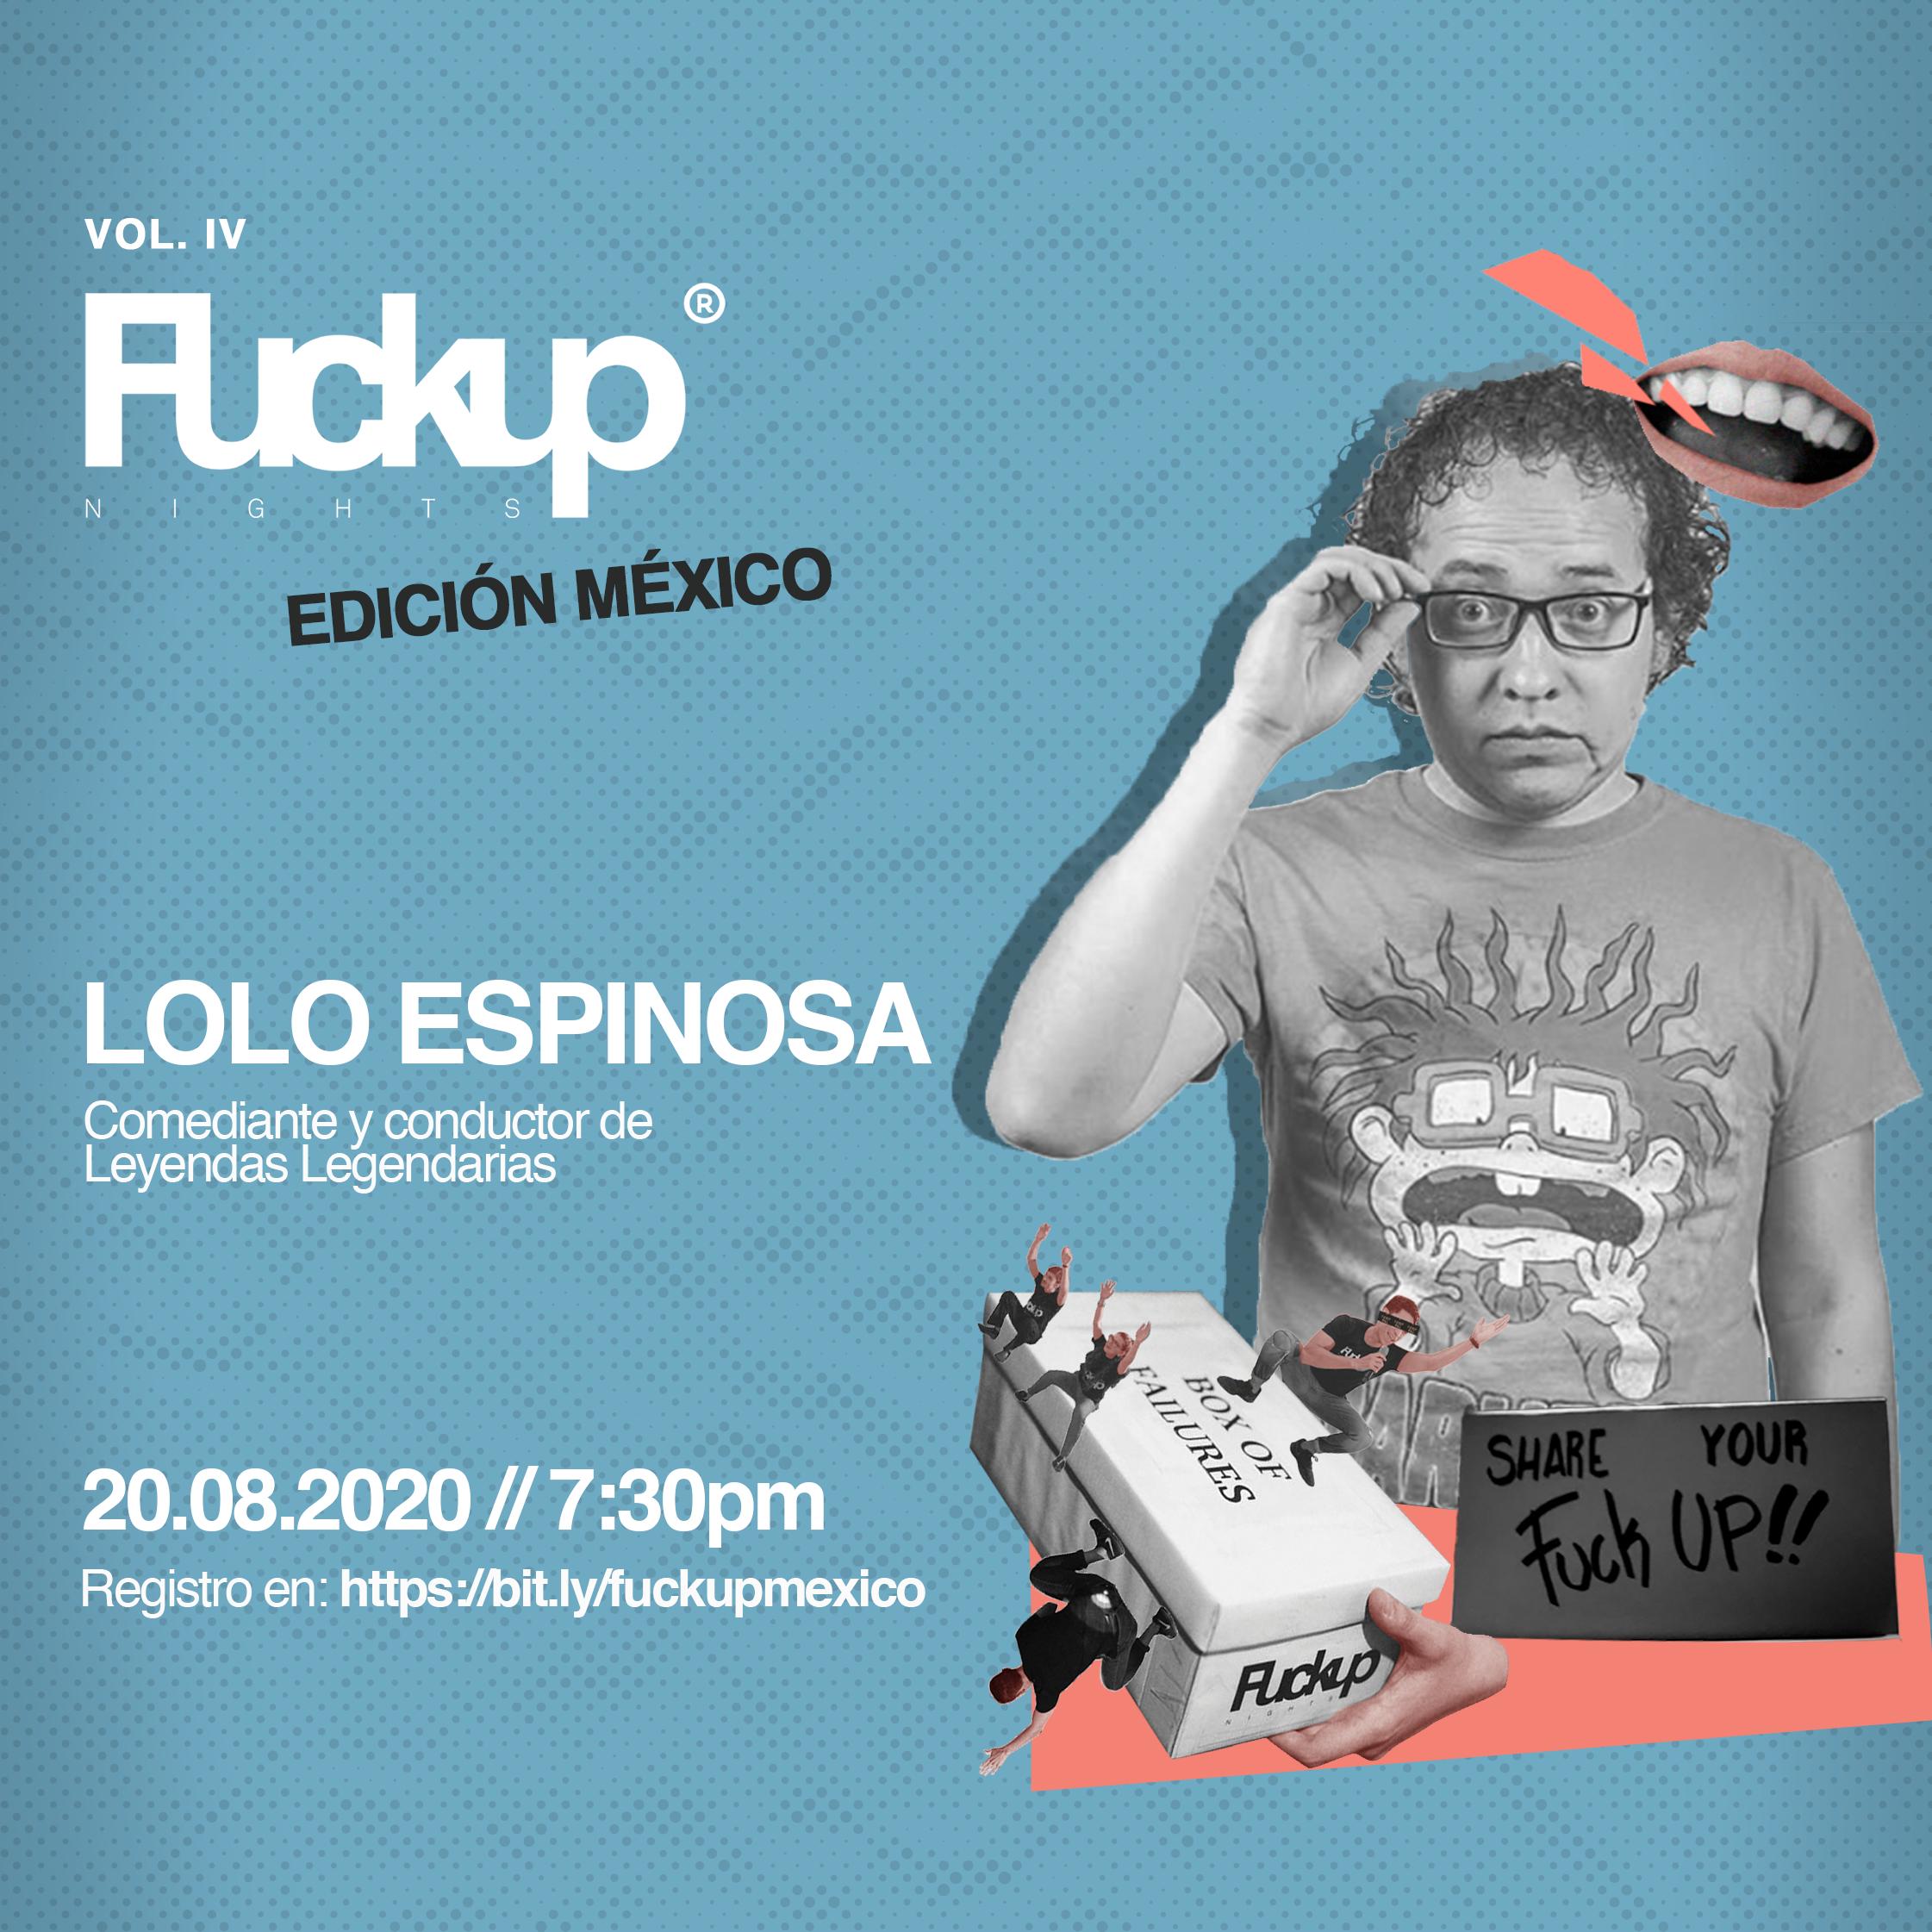 Lolo Espinosa, comediante y conductor de Leyendas Legendarias en Fuckup Nights